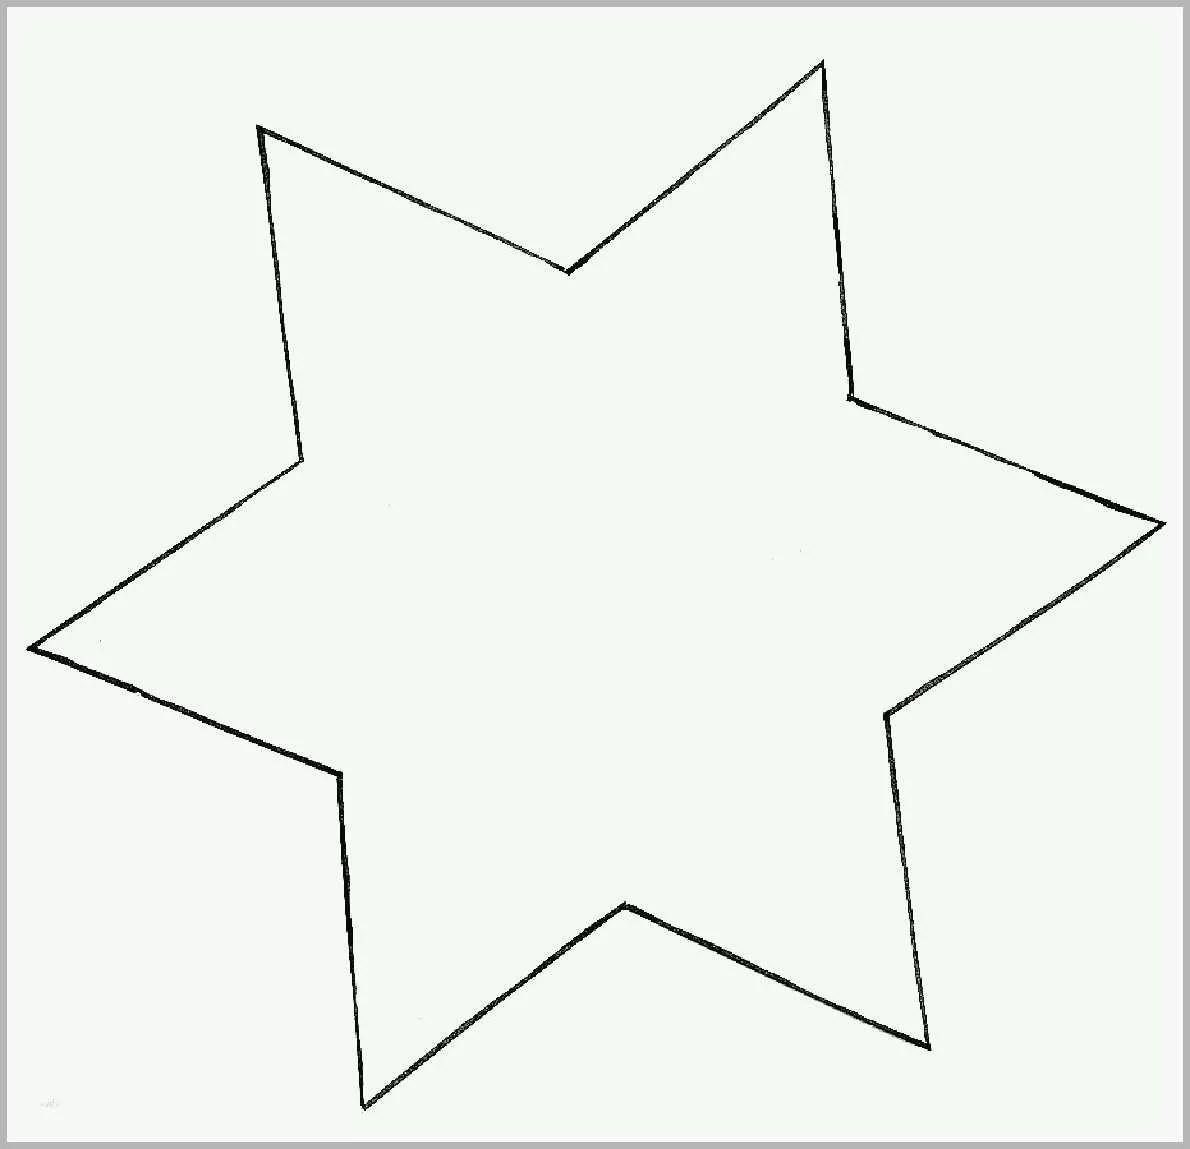 Am Beliebtesten Vorlage Stern 5 Zacken Schön Pin Stern